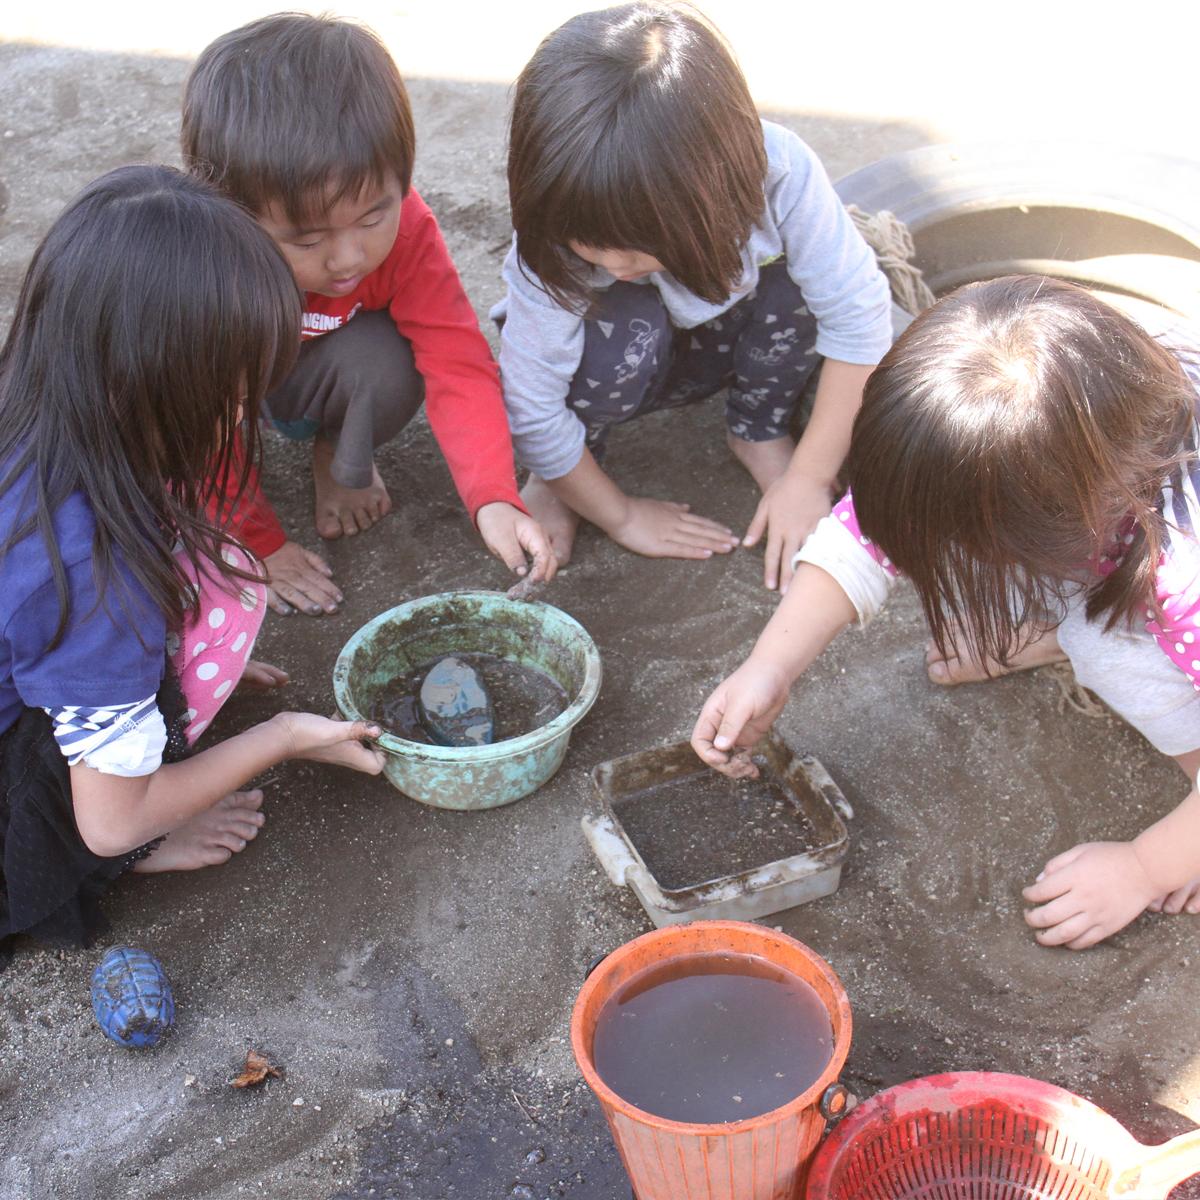 所沢市のあかね保育園の午前の遊びの泥んこ遊びの画像